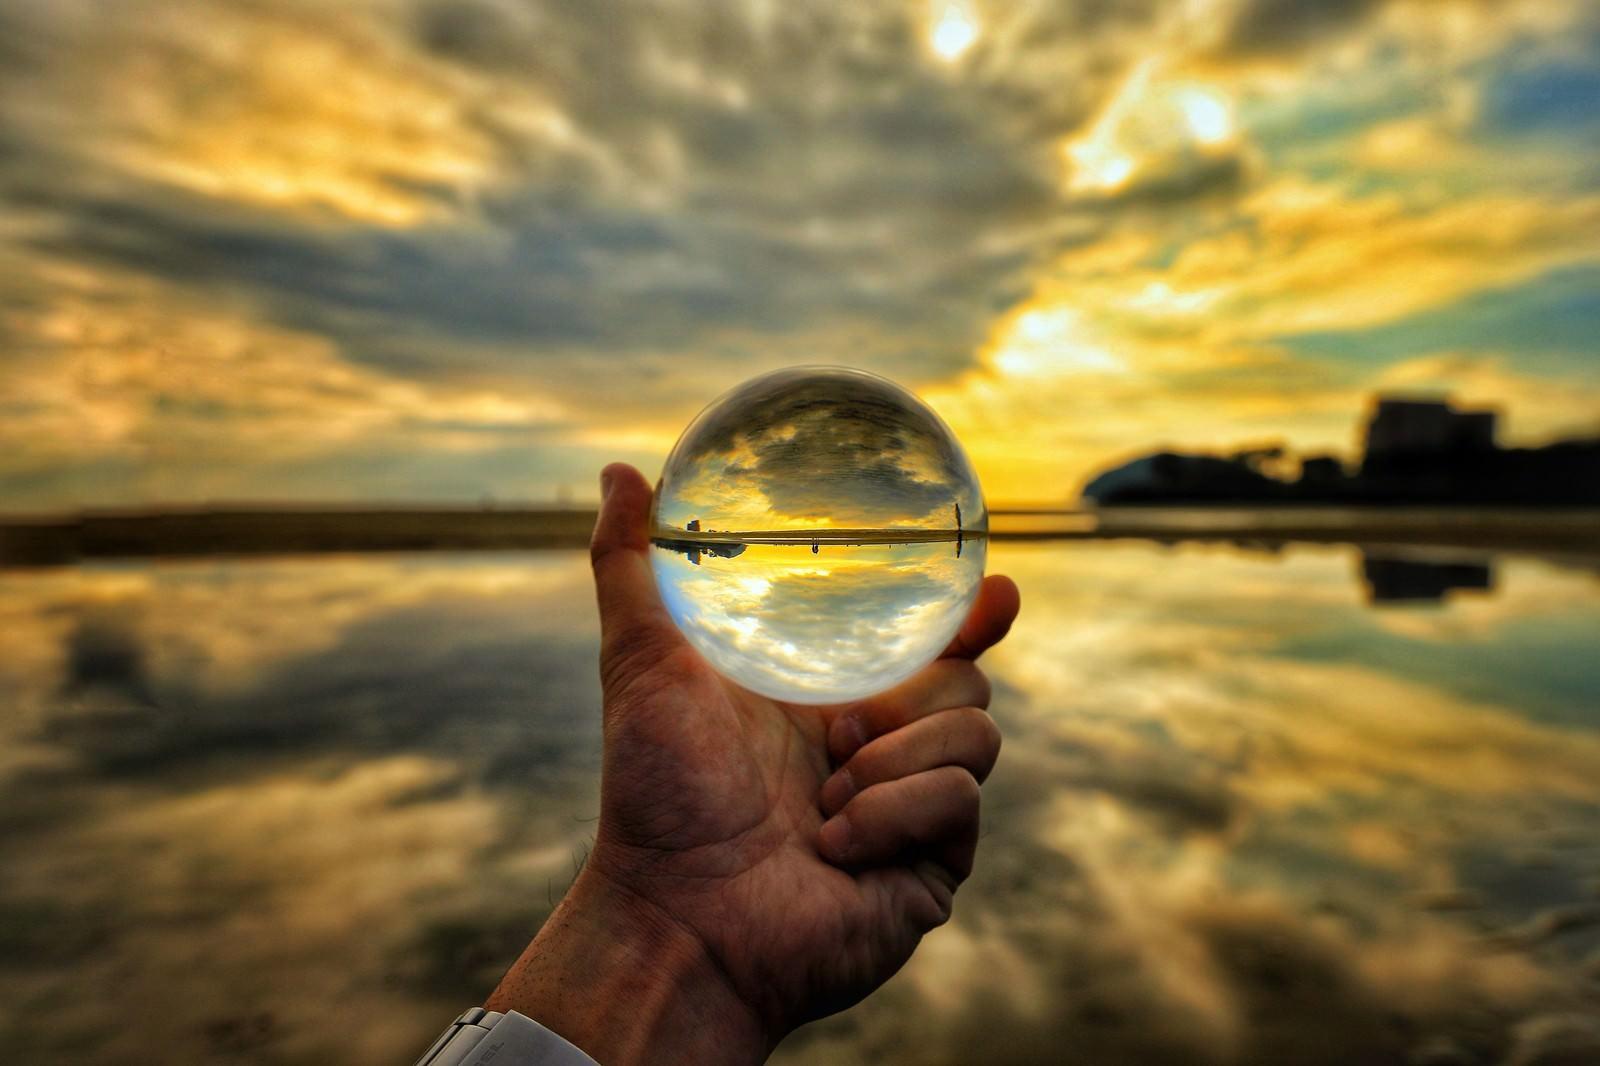 「ガラス玉の中の夕焼けと浜辺」の写真